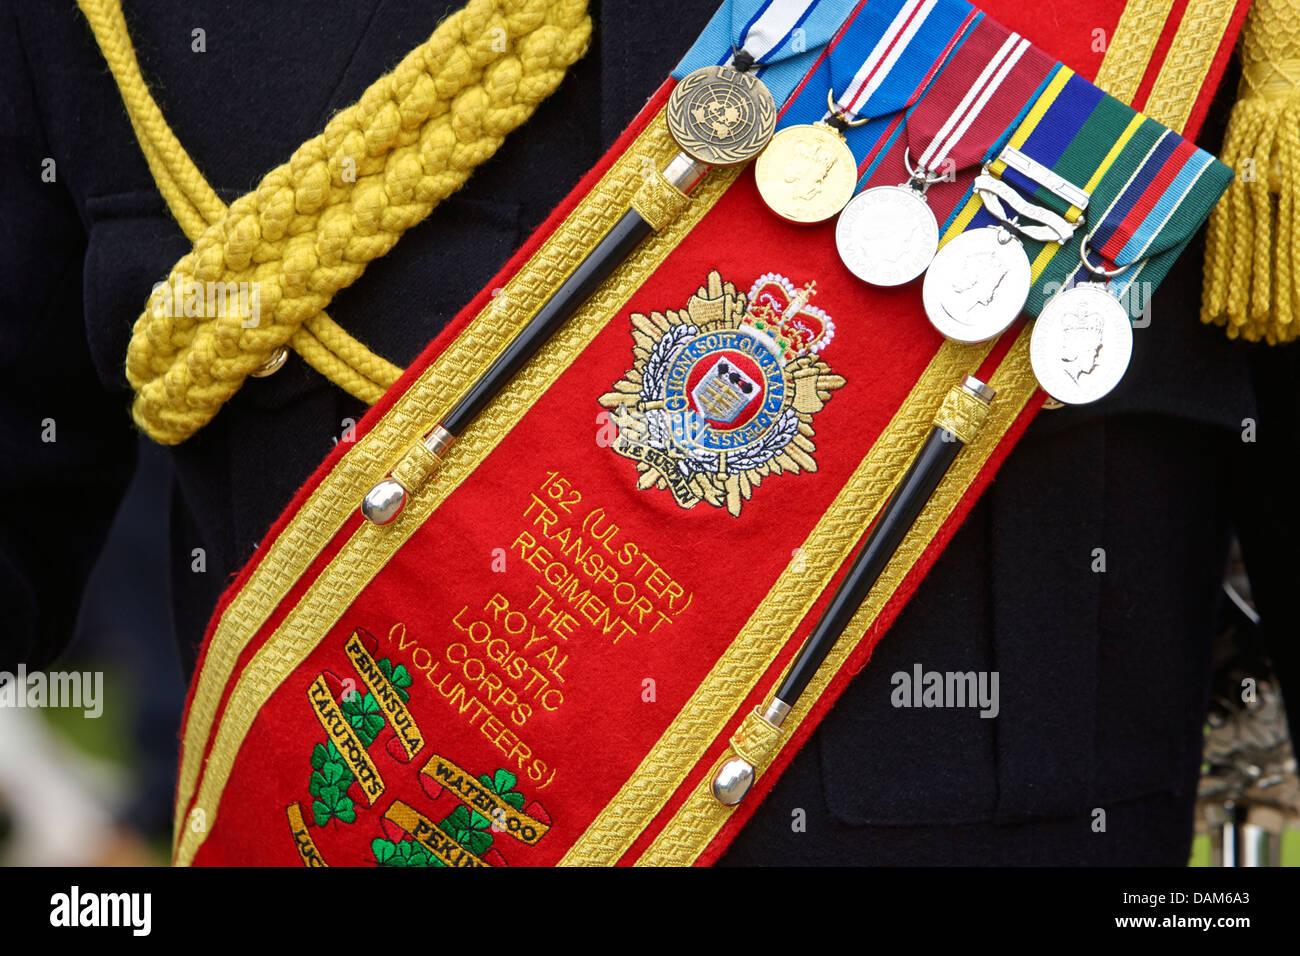 service medals on sash of dress uniform 152 transport regiment uk - Stock Image